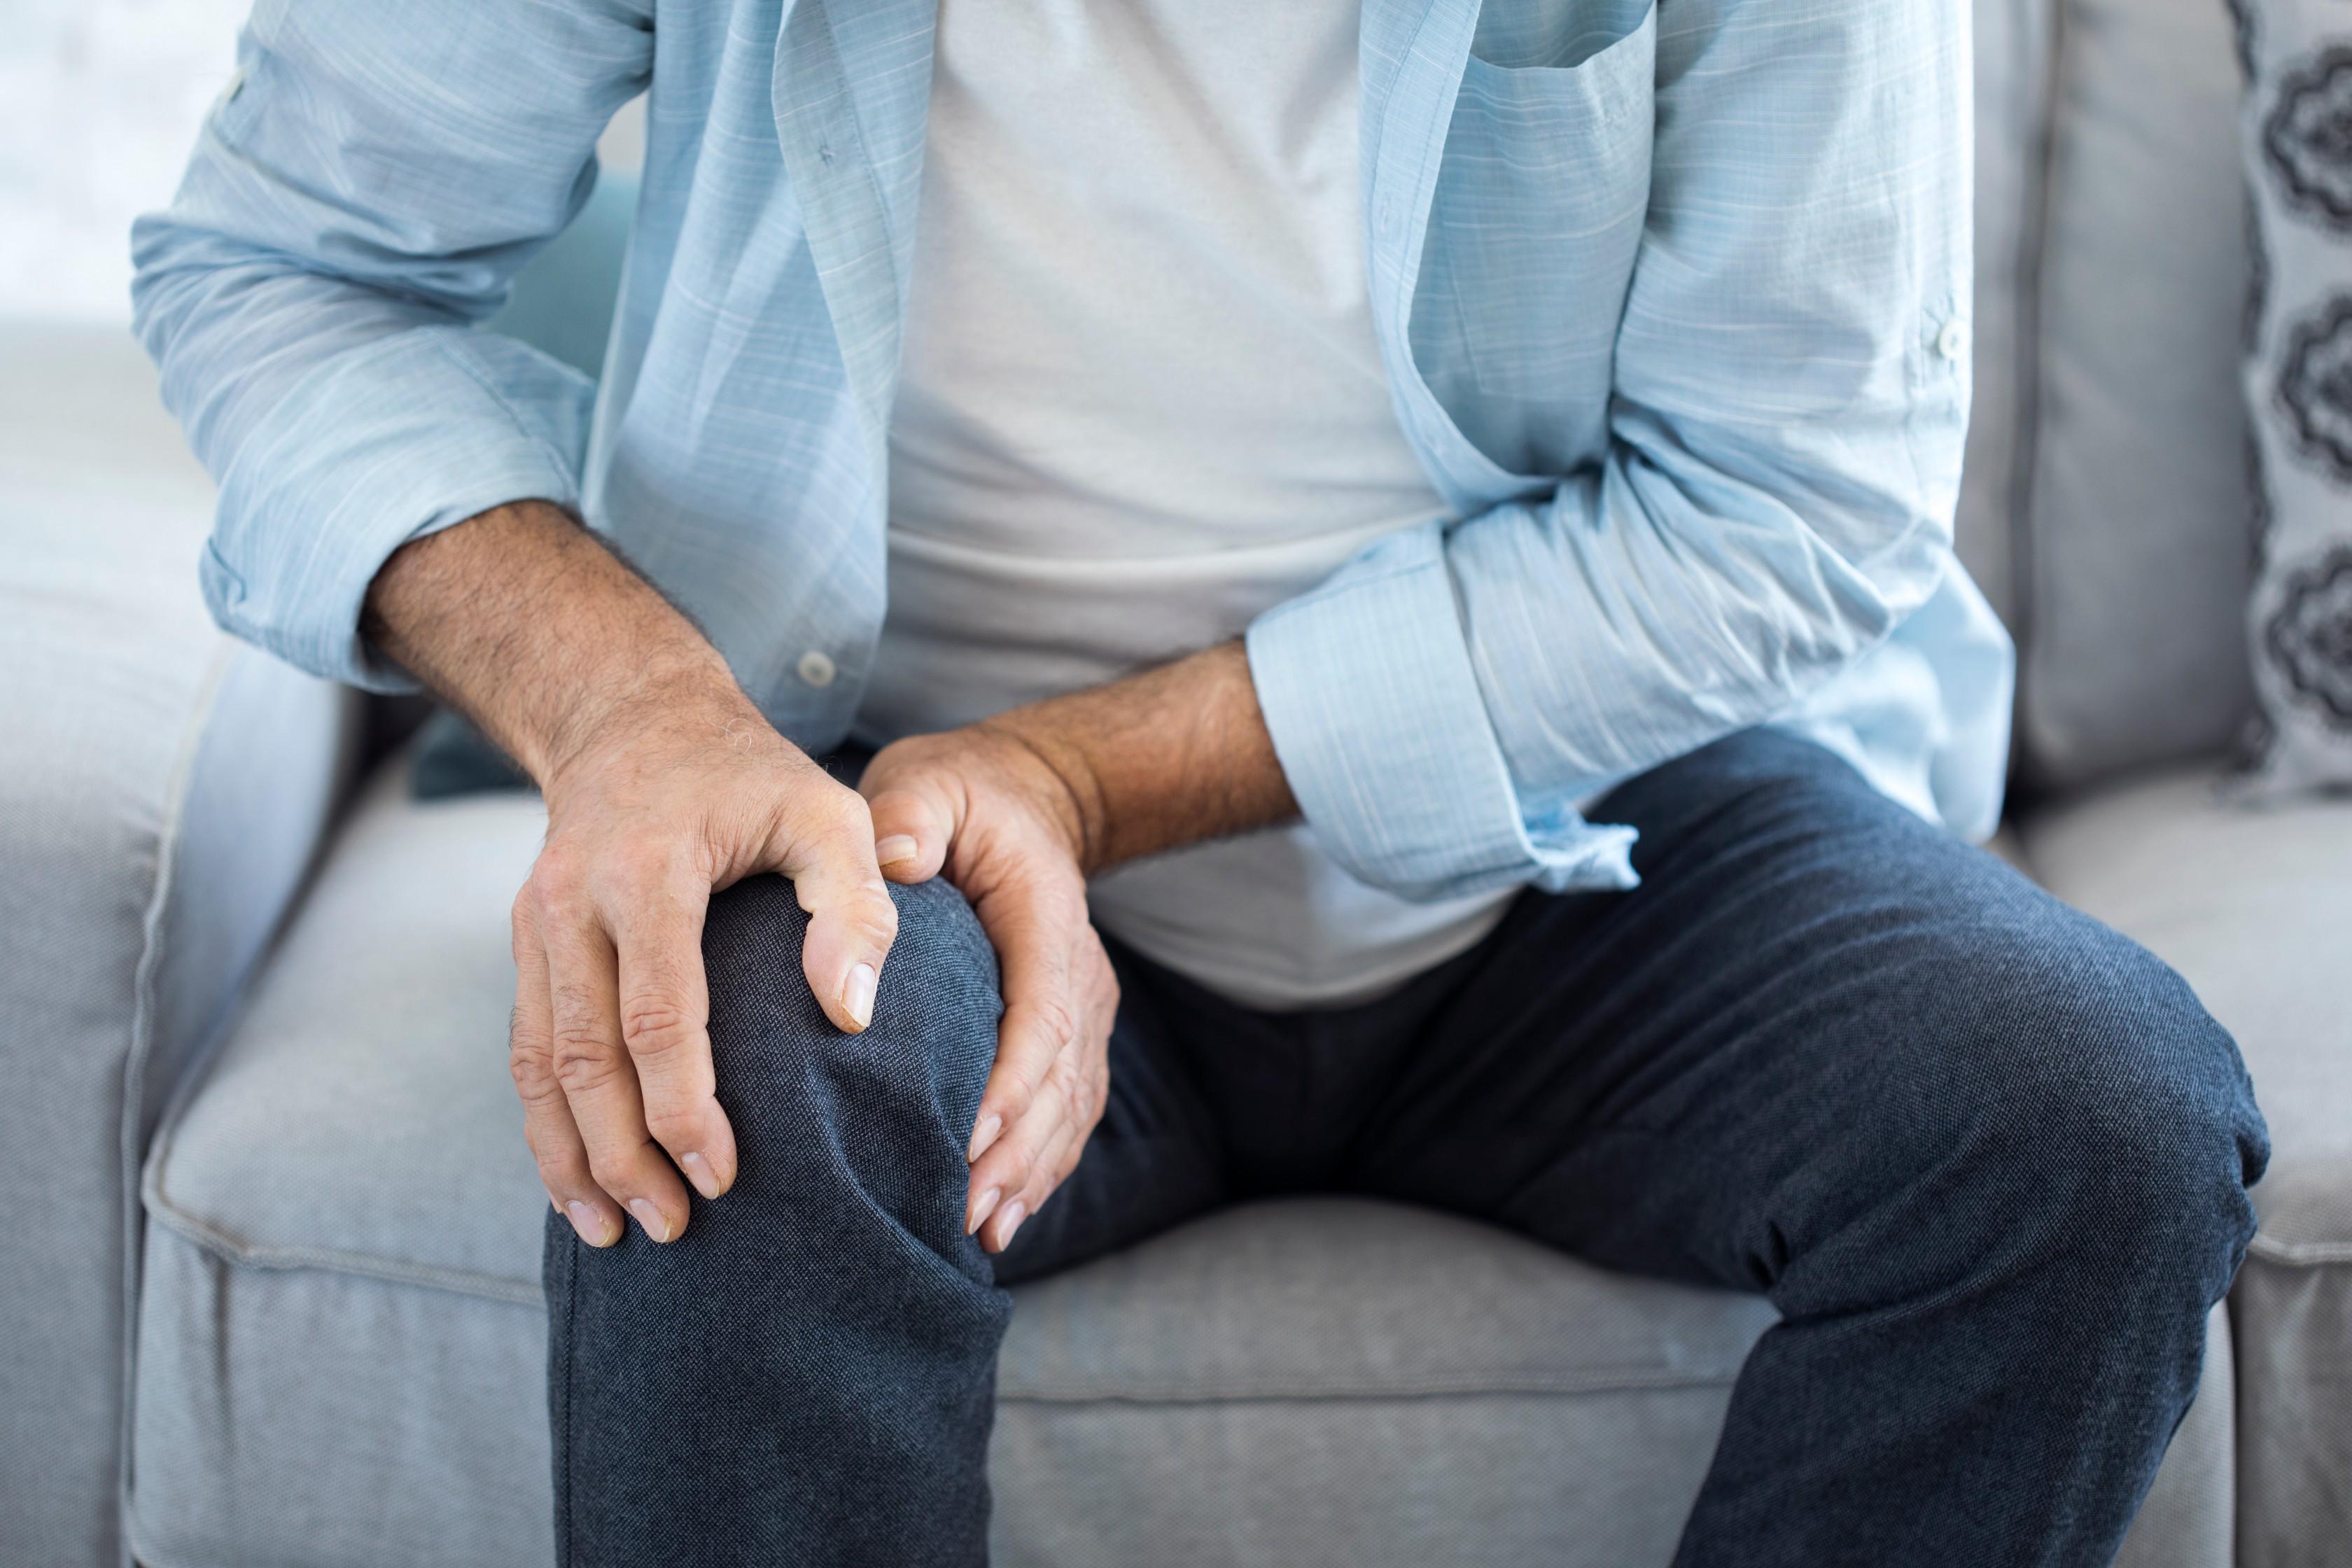 ízületi fájdalmak fájdalmat okoznak, és hogyan kell kezelni